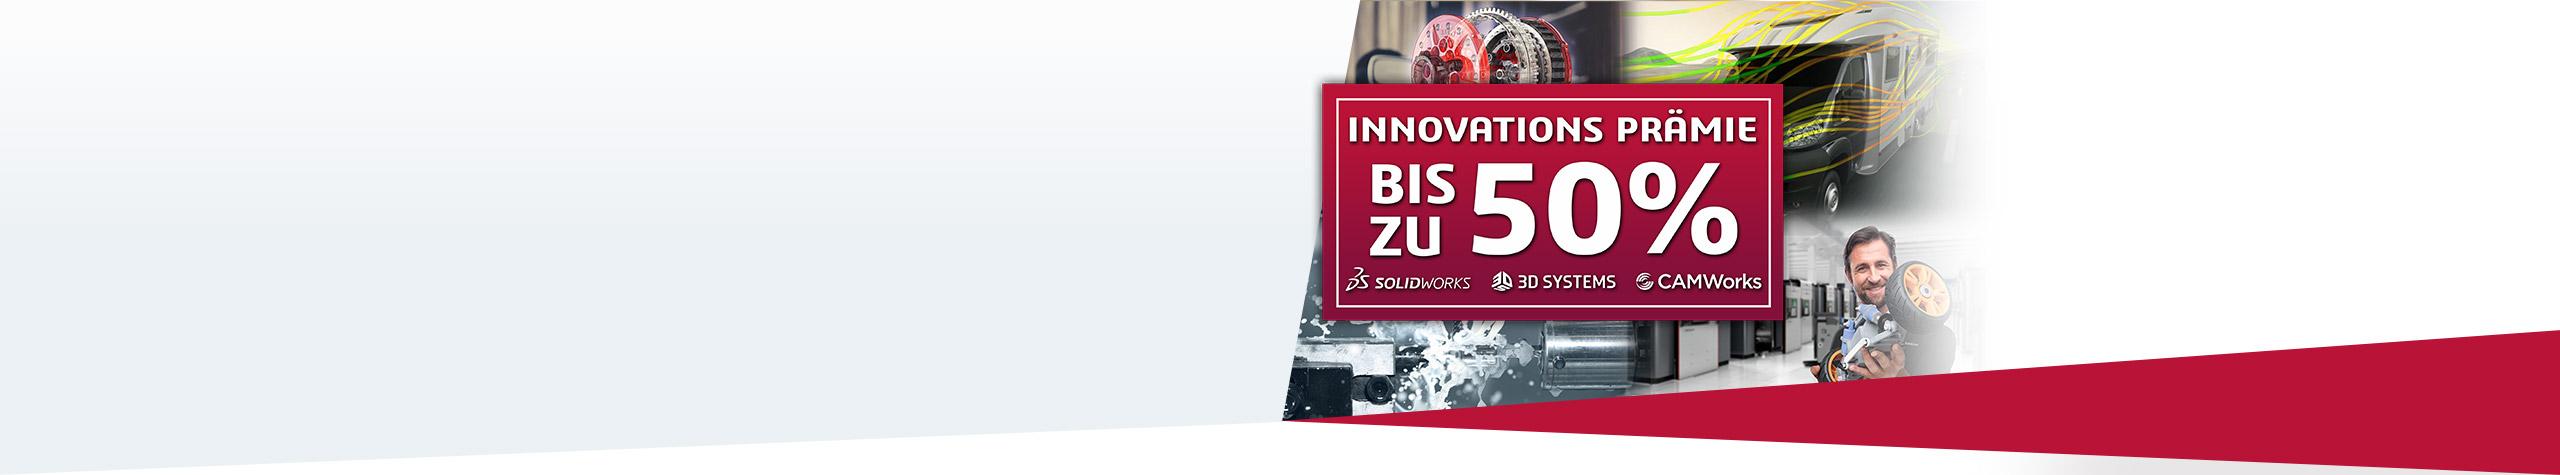 Innovations-Prämie bis zu 50% Aktion: Nur bis 30. September! Zur Aktion